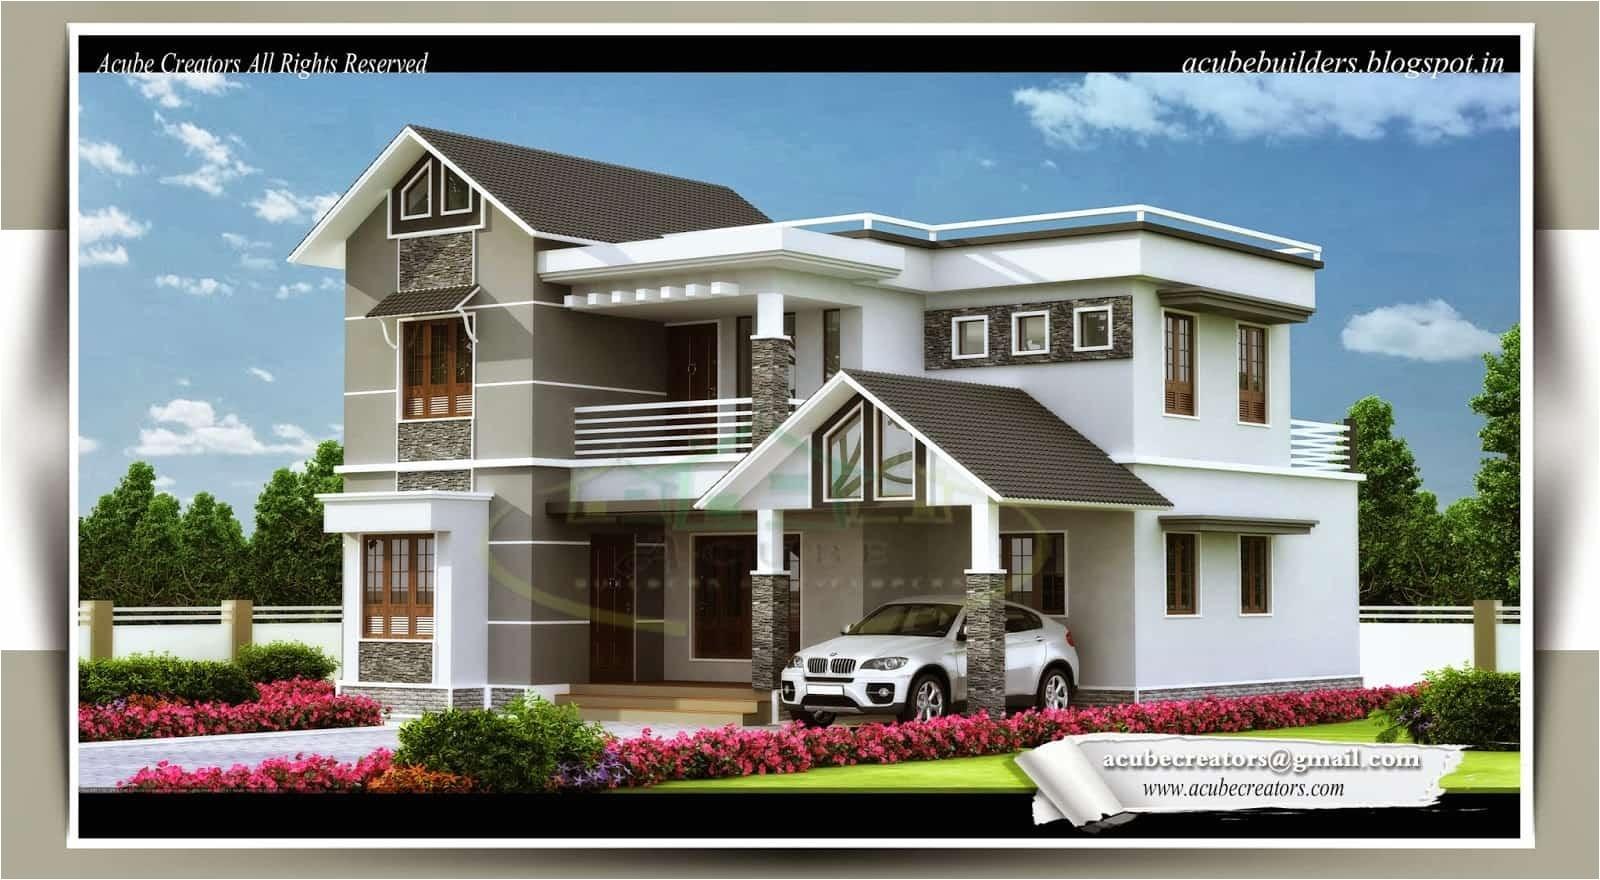 kerala home design 4 bedroom villa 1983 sq ft